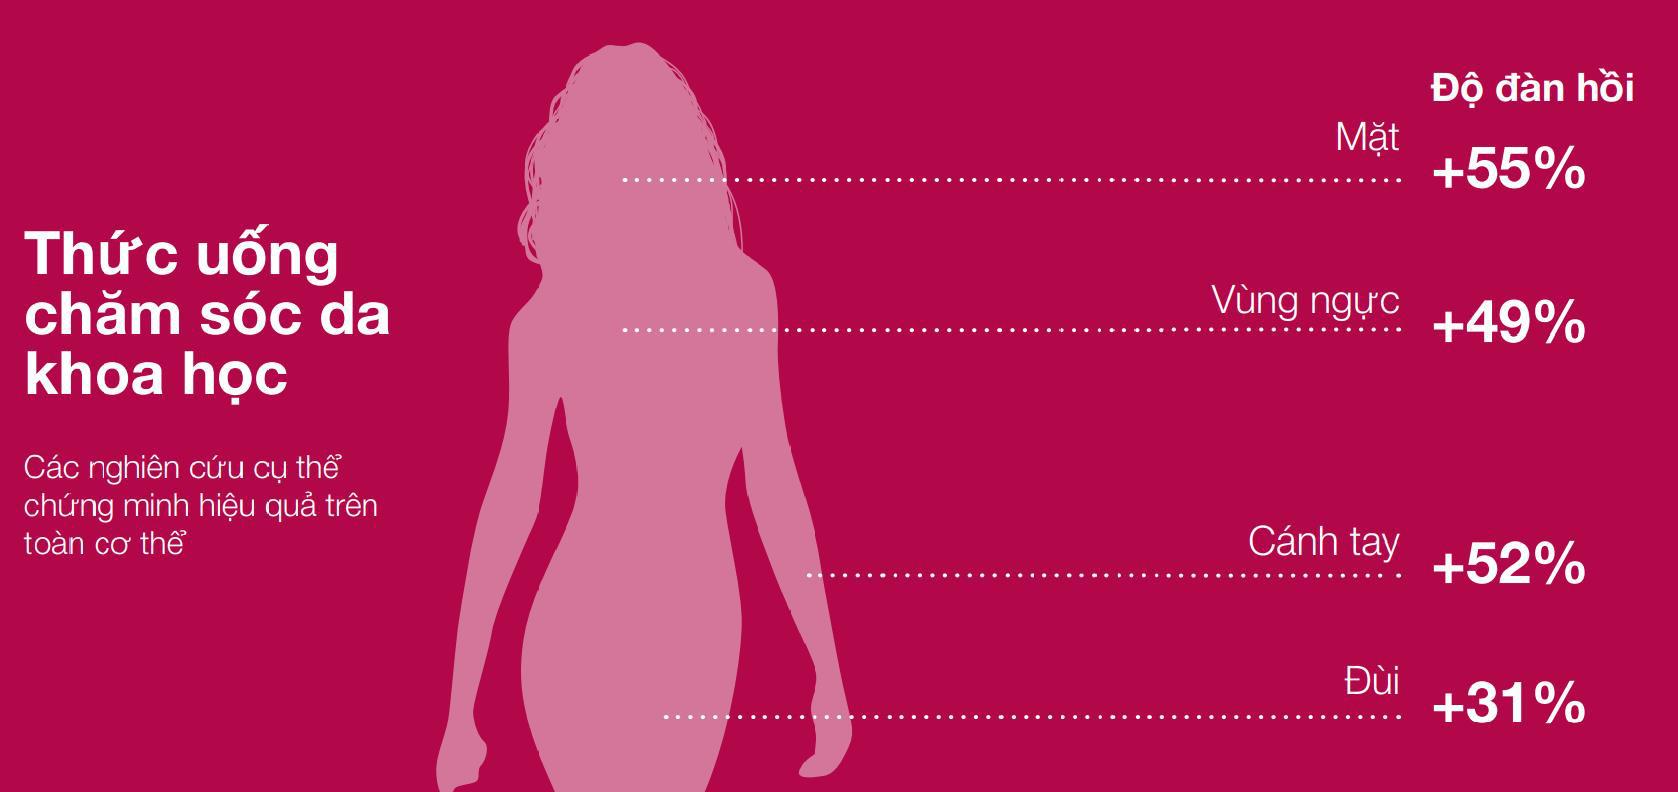 ELASTEN Việt Nam đưa sản phẩm collagen bán chạy hàng đầu tại Đức chính thức ra mắt thị trường Việt Nam - Ảnh 2.